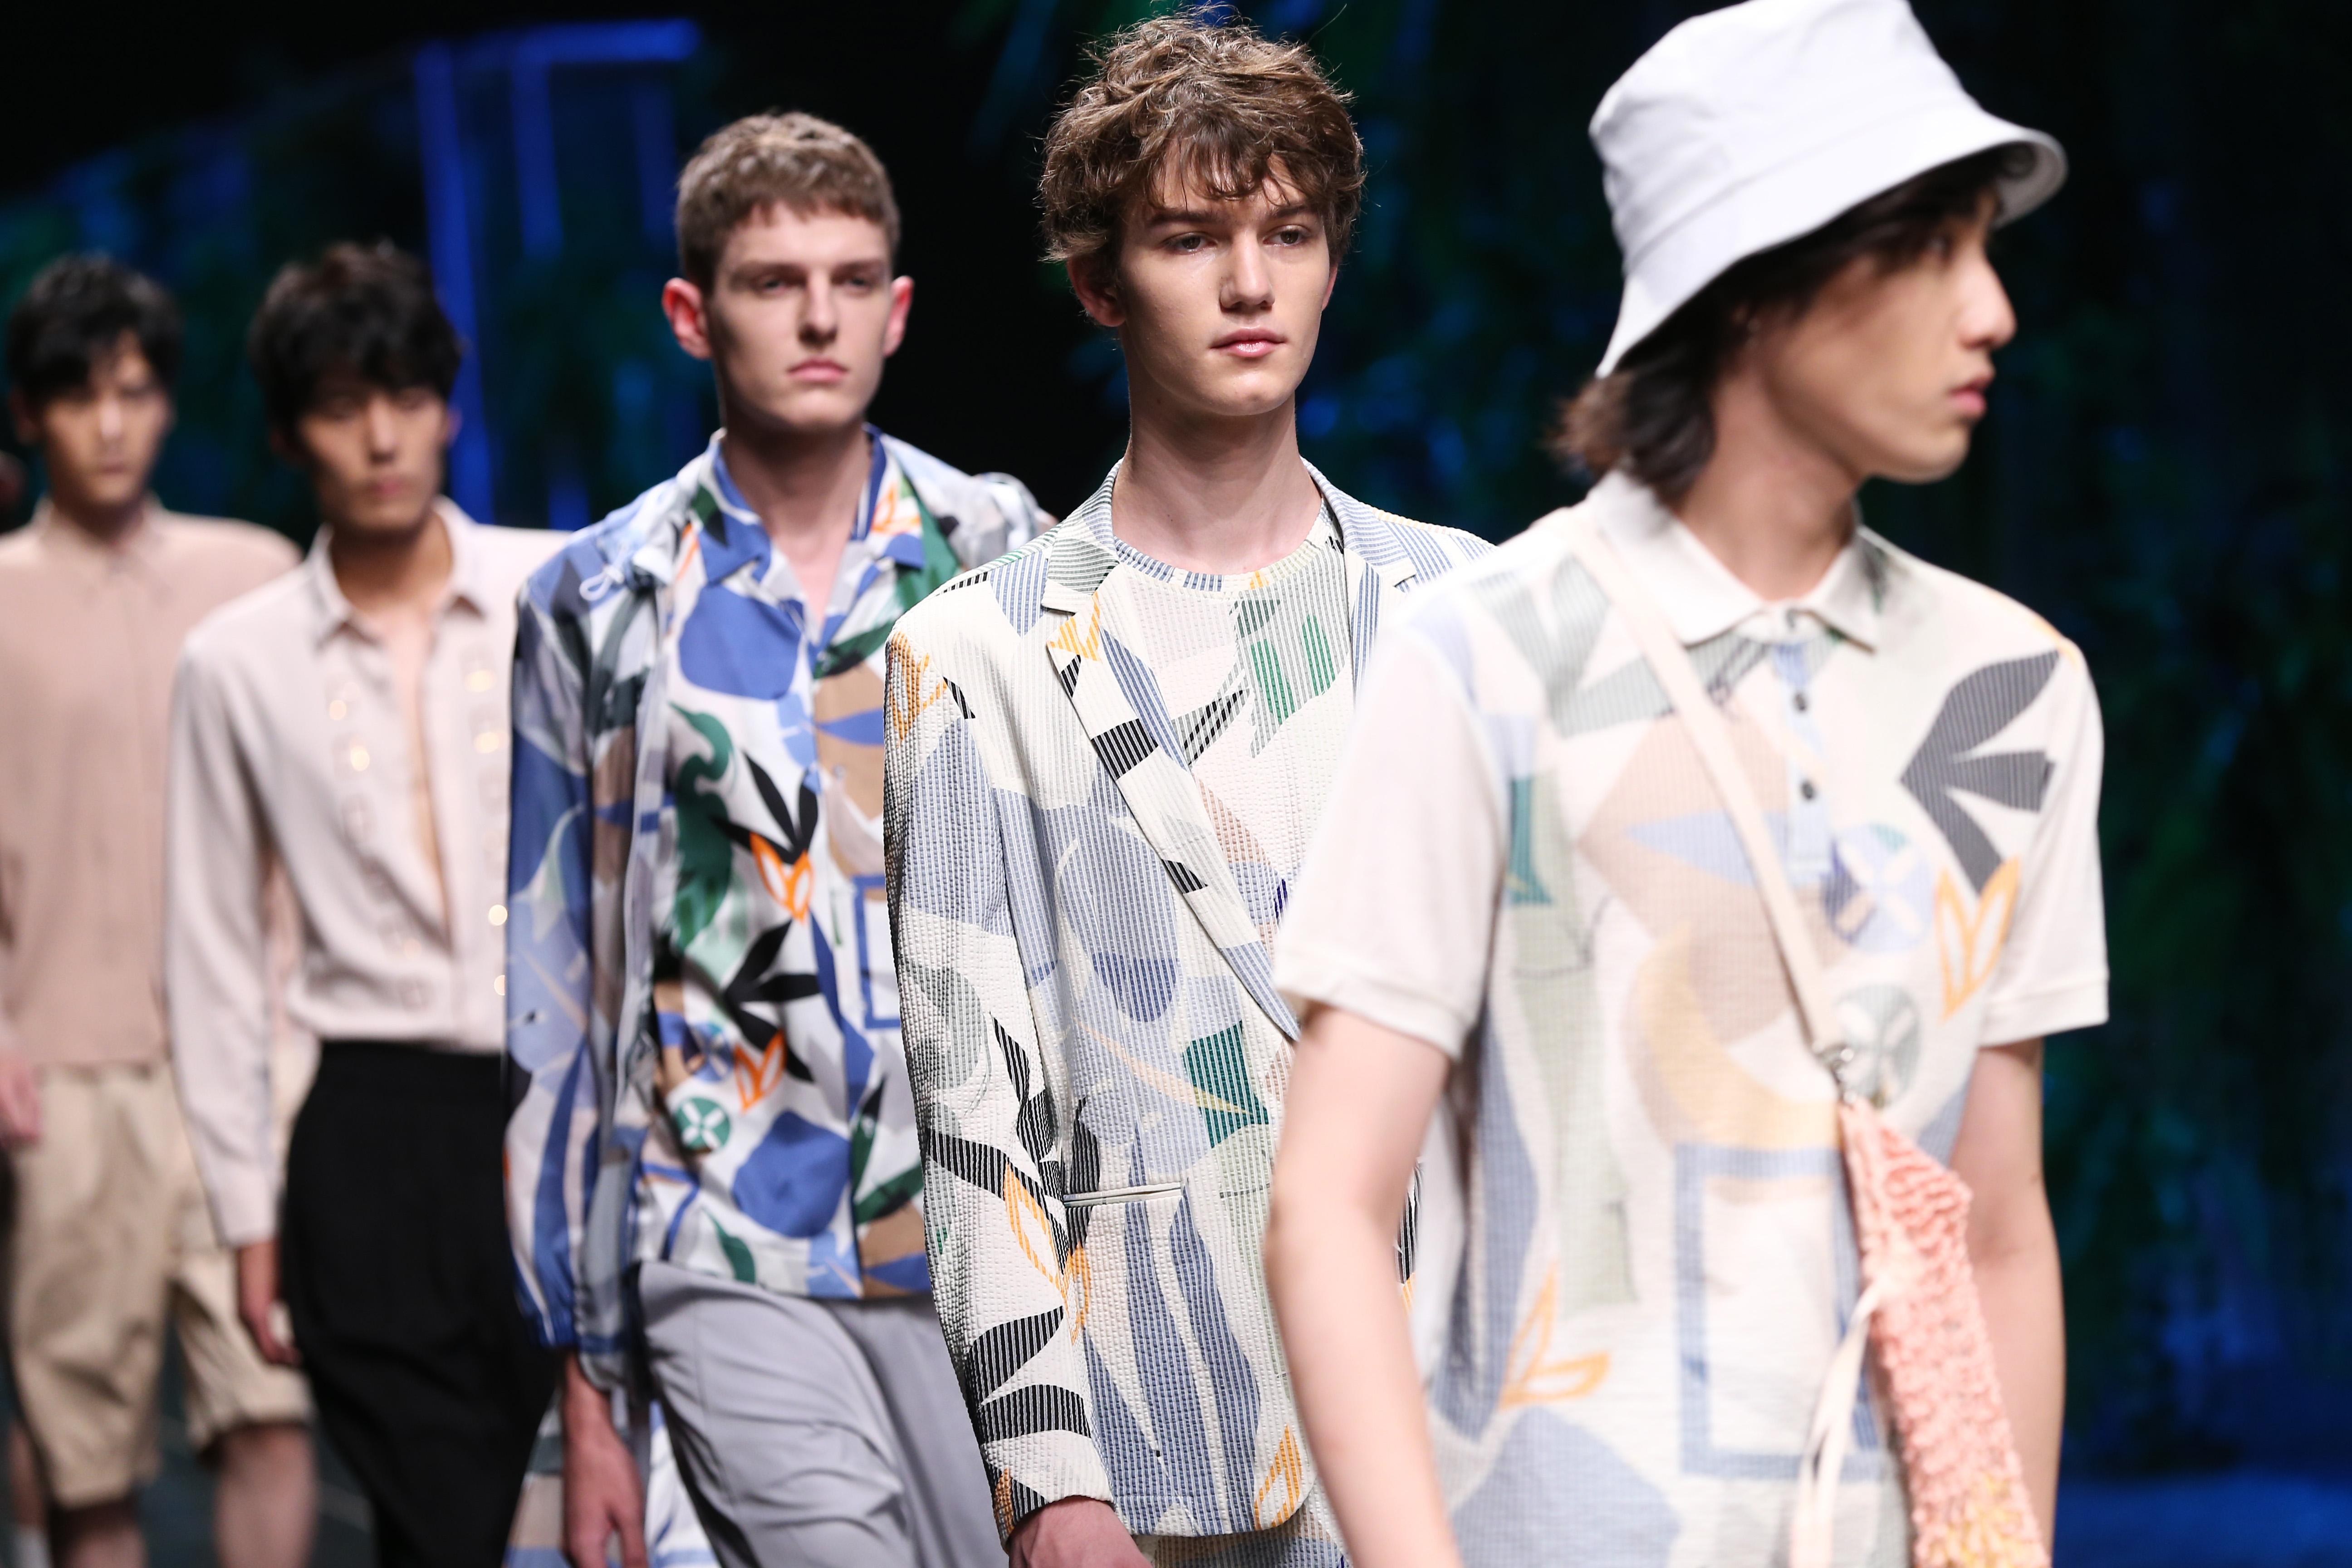 深度|八年脱胎换骨,中国男装品牌利郎设计国际化背后的故事